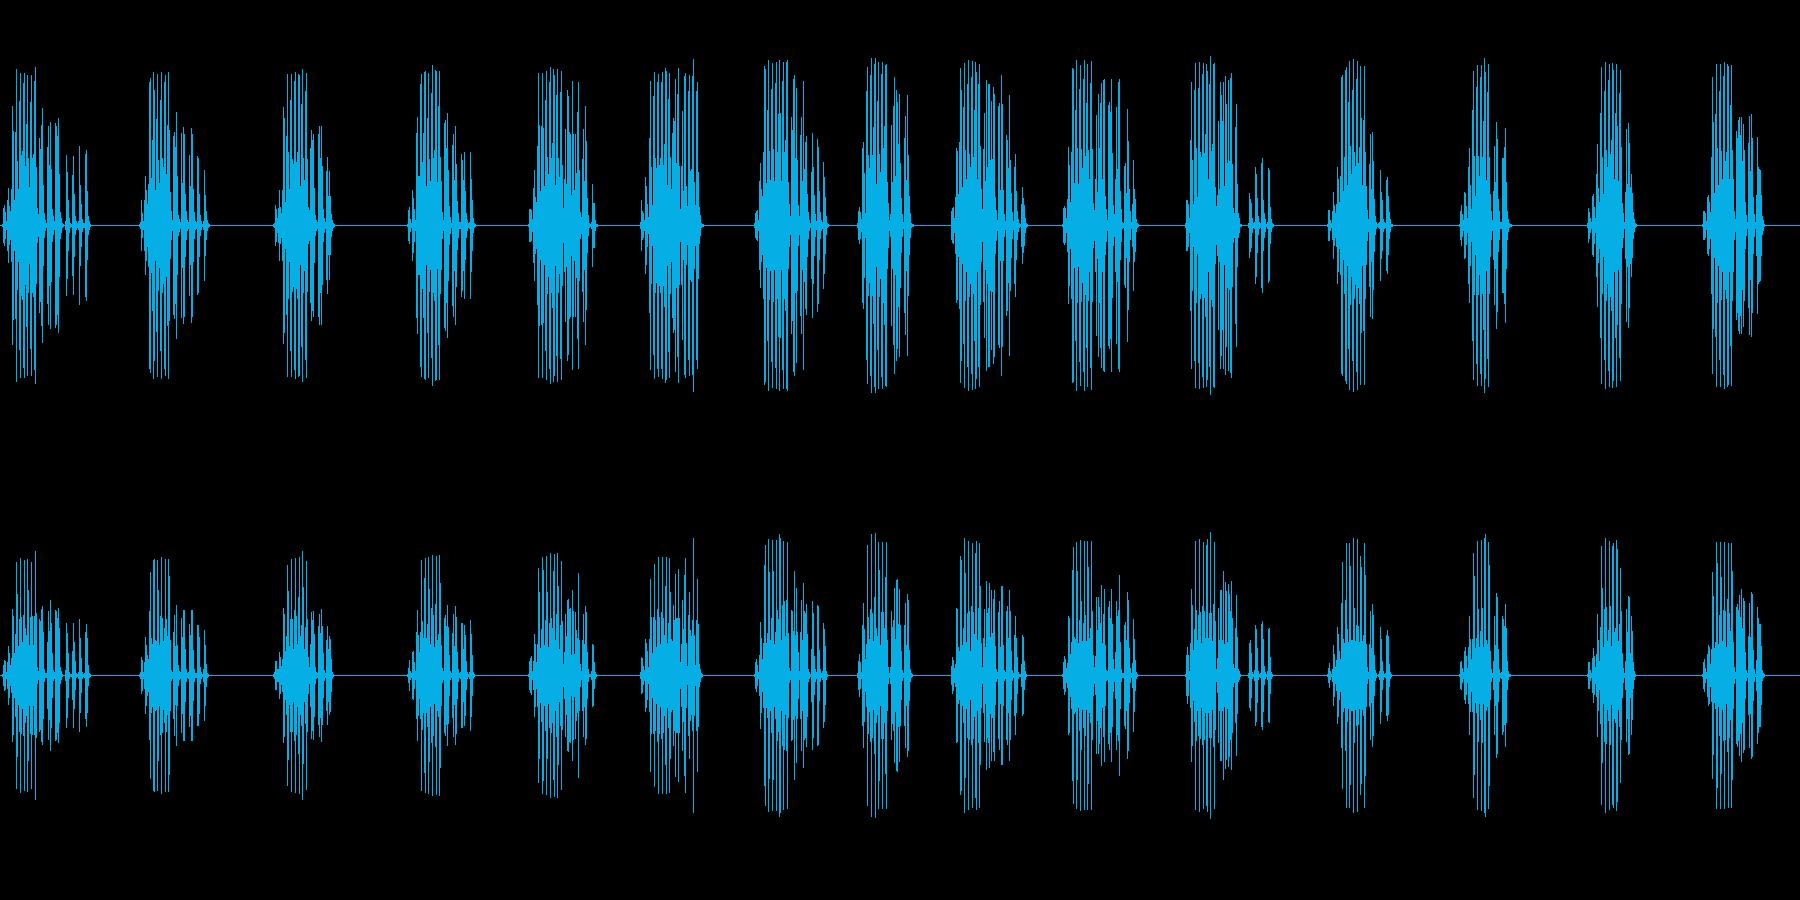 エンマコオロギの鳴き声の再生済みの波形